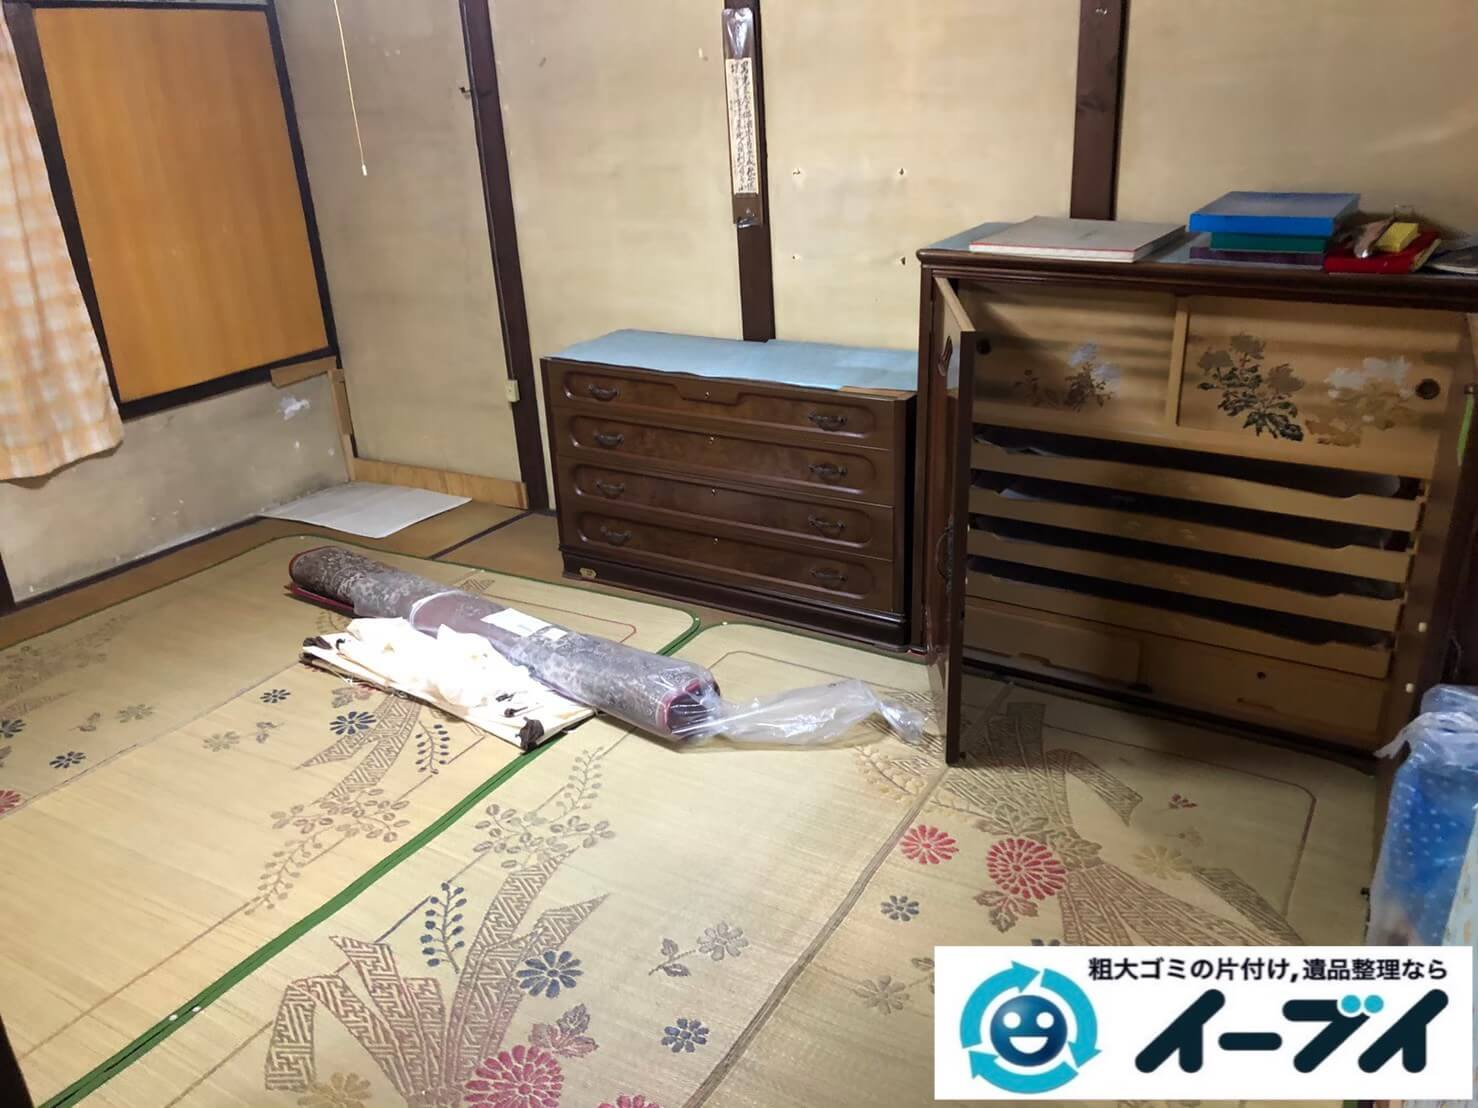 2020年9月17日大阪府大阪市都島区で遺品整理に伴い、お家の家財道具を一式処分させていただきました。写真3